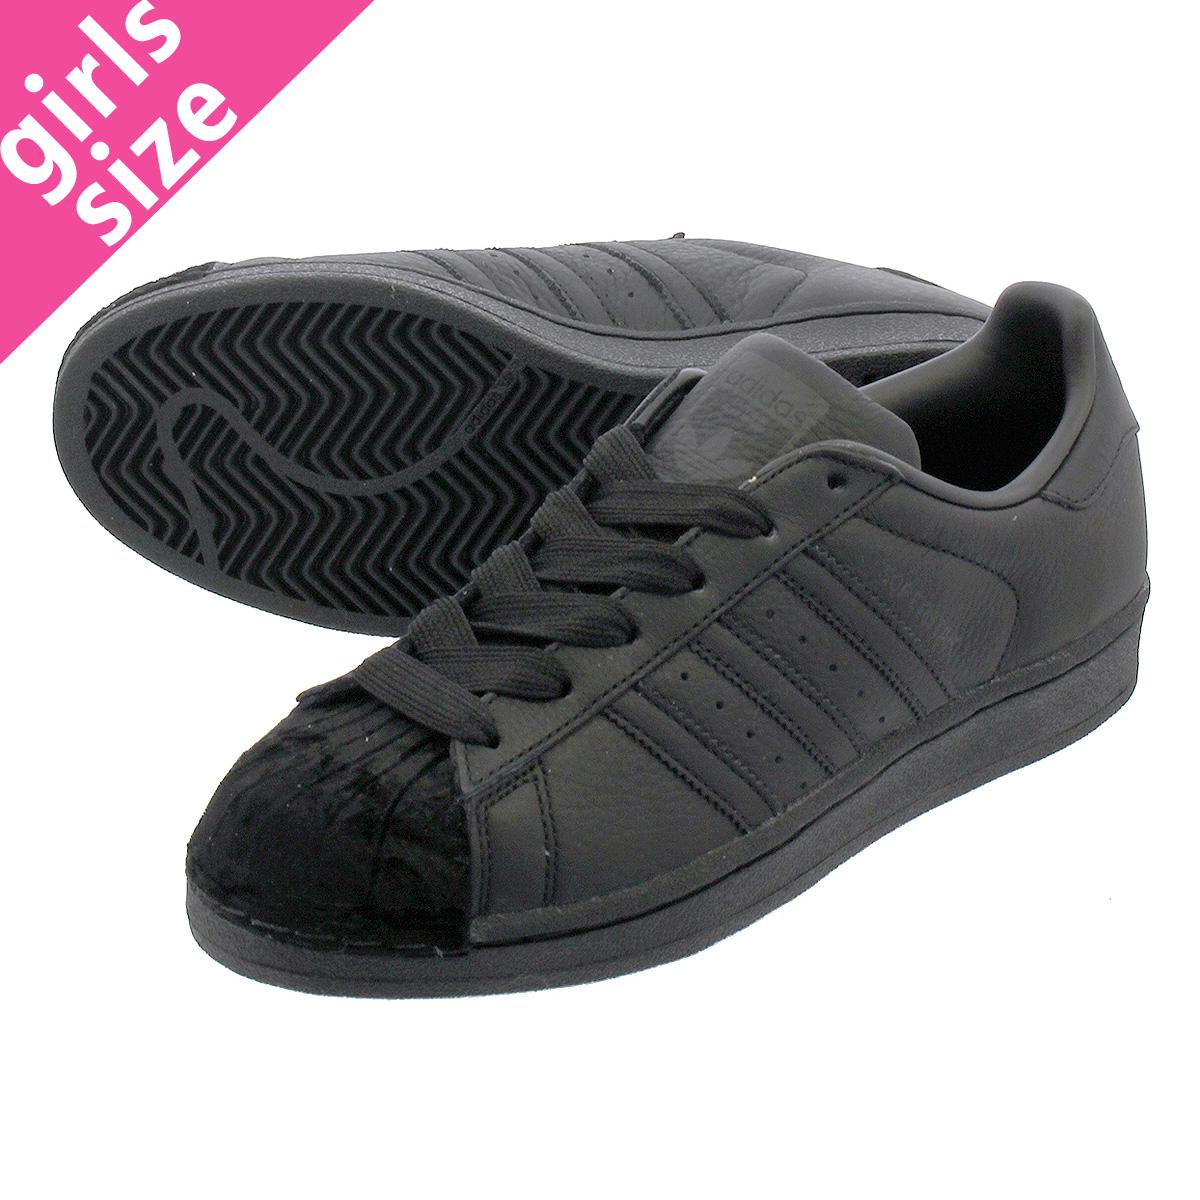 【大人気の女の子サイズ♪】 adidas SUPERSTAR W アディダス スーパースター W CORE BLACK/CORE BLACK/CORE BLACK